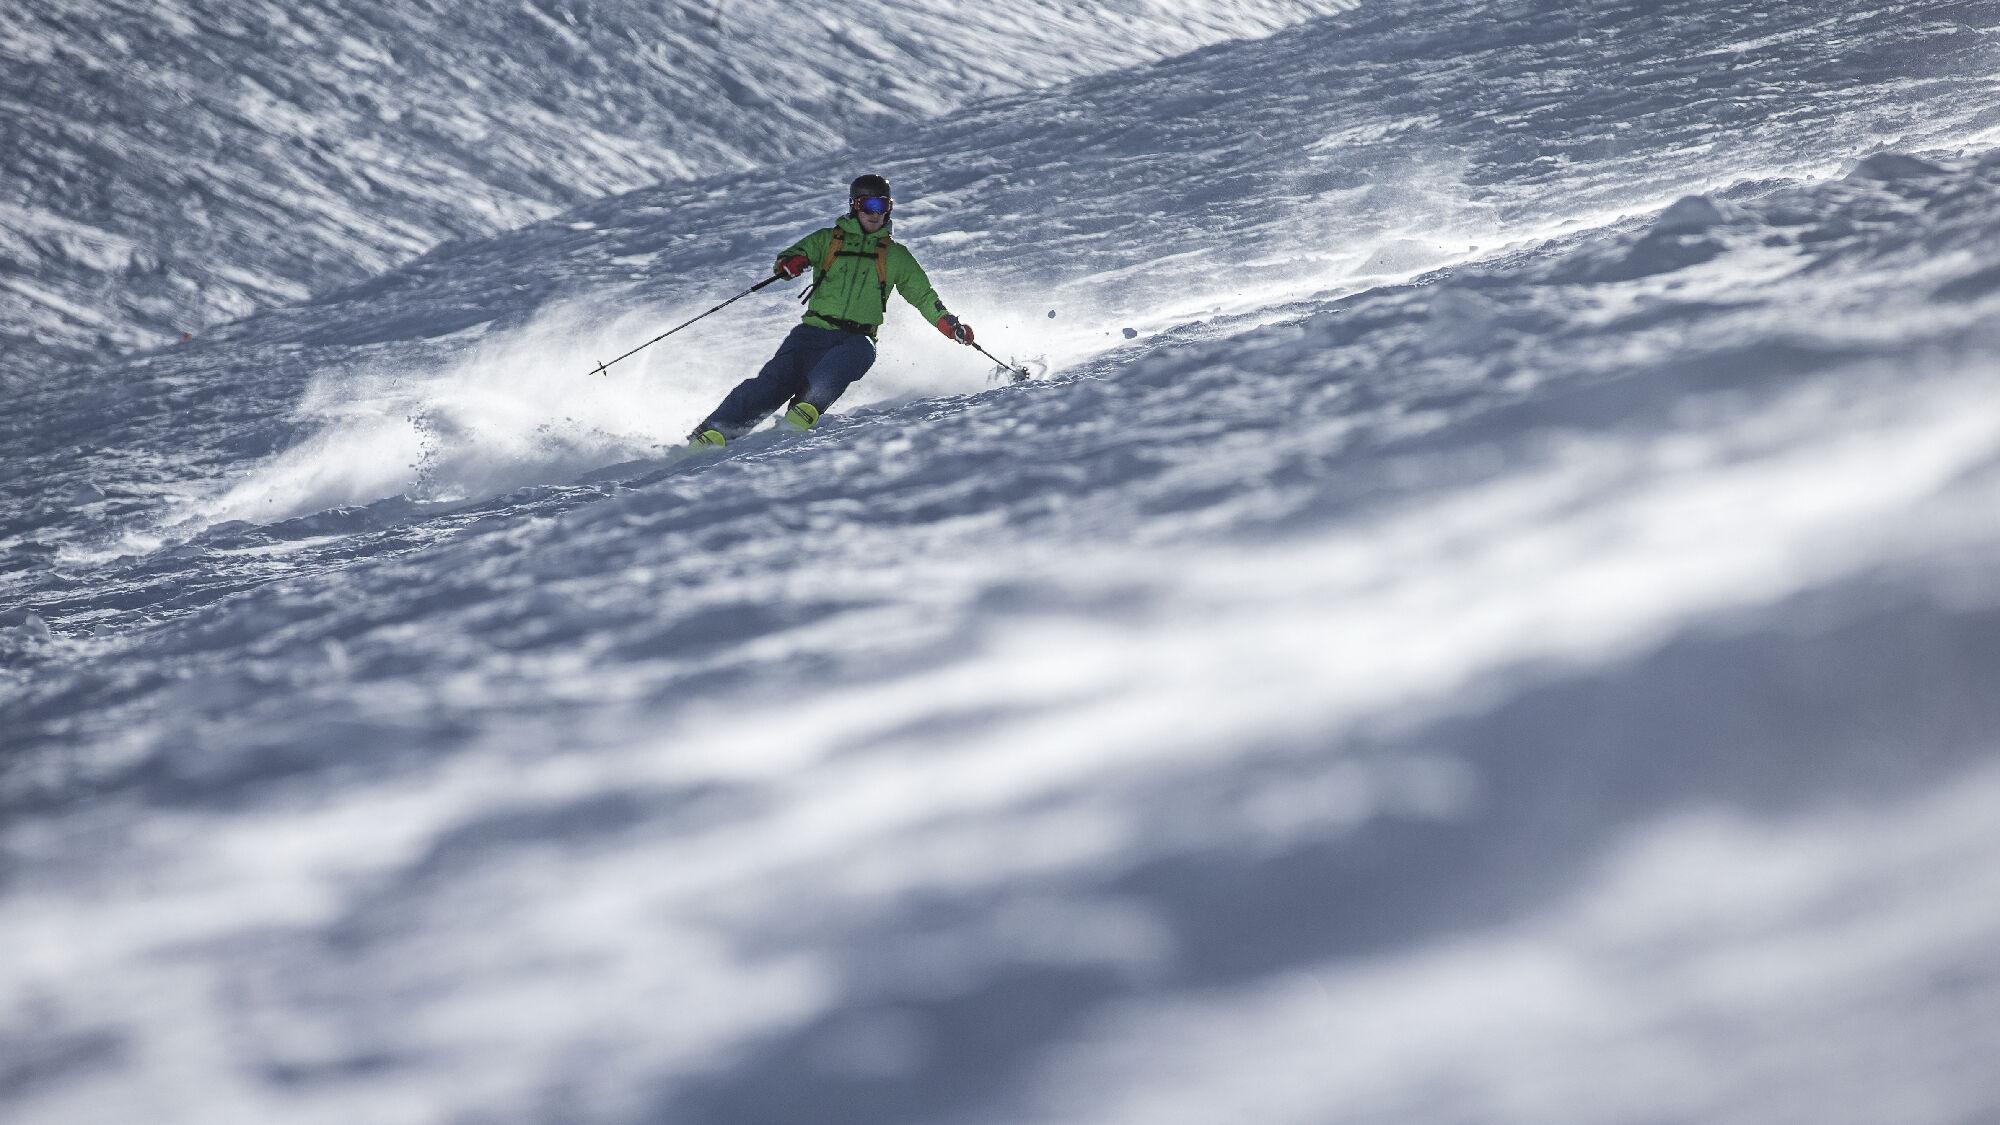 Wer sportlich Skifahren möchte, sollte sich schon im Sommer darauf vorbereiten